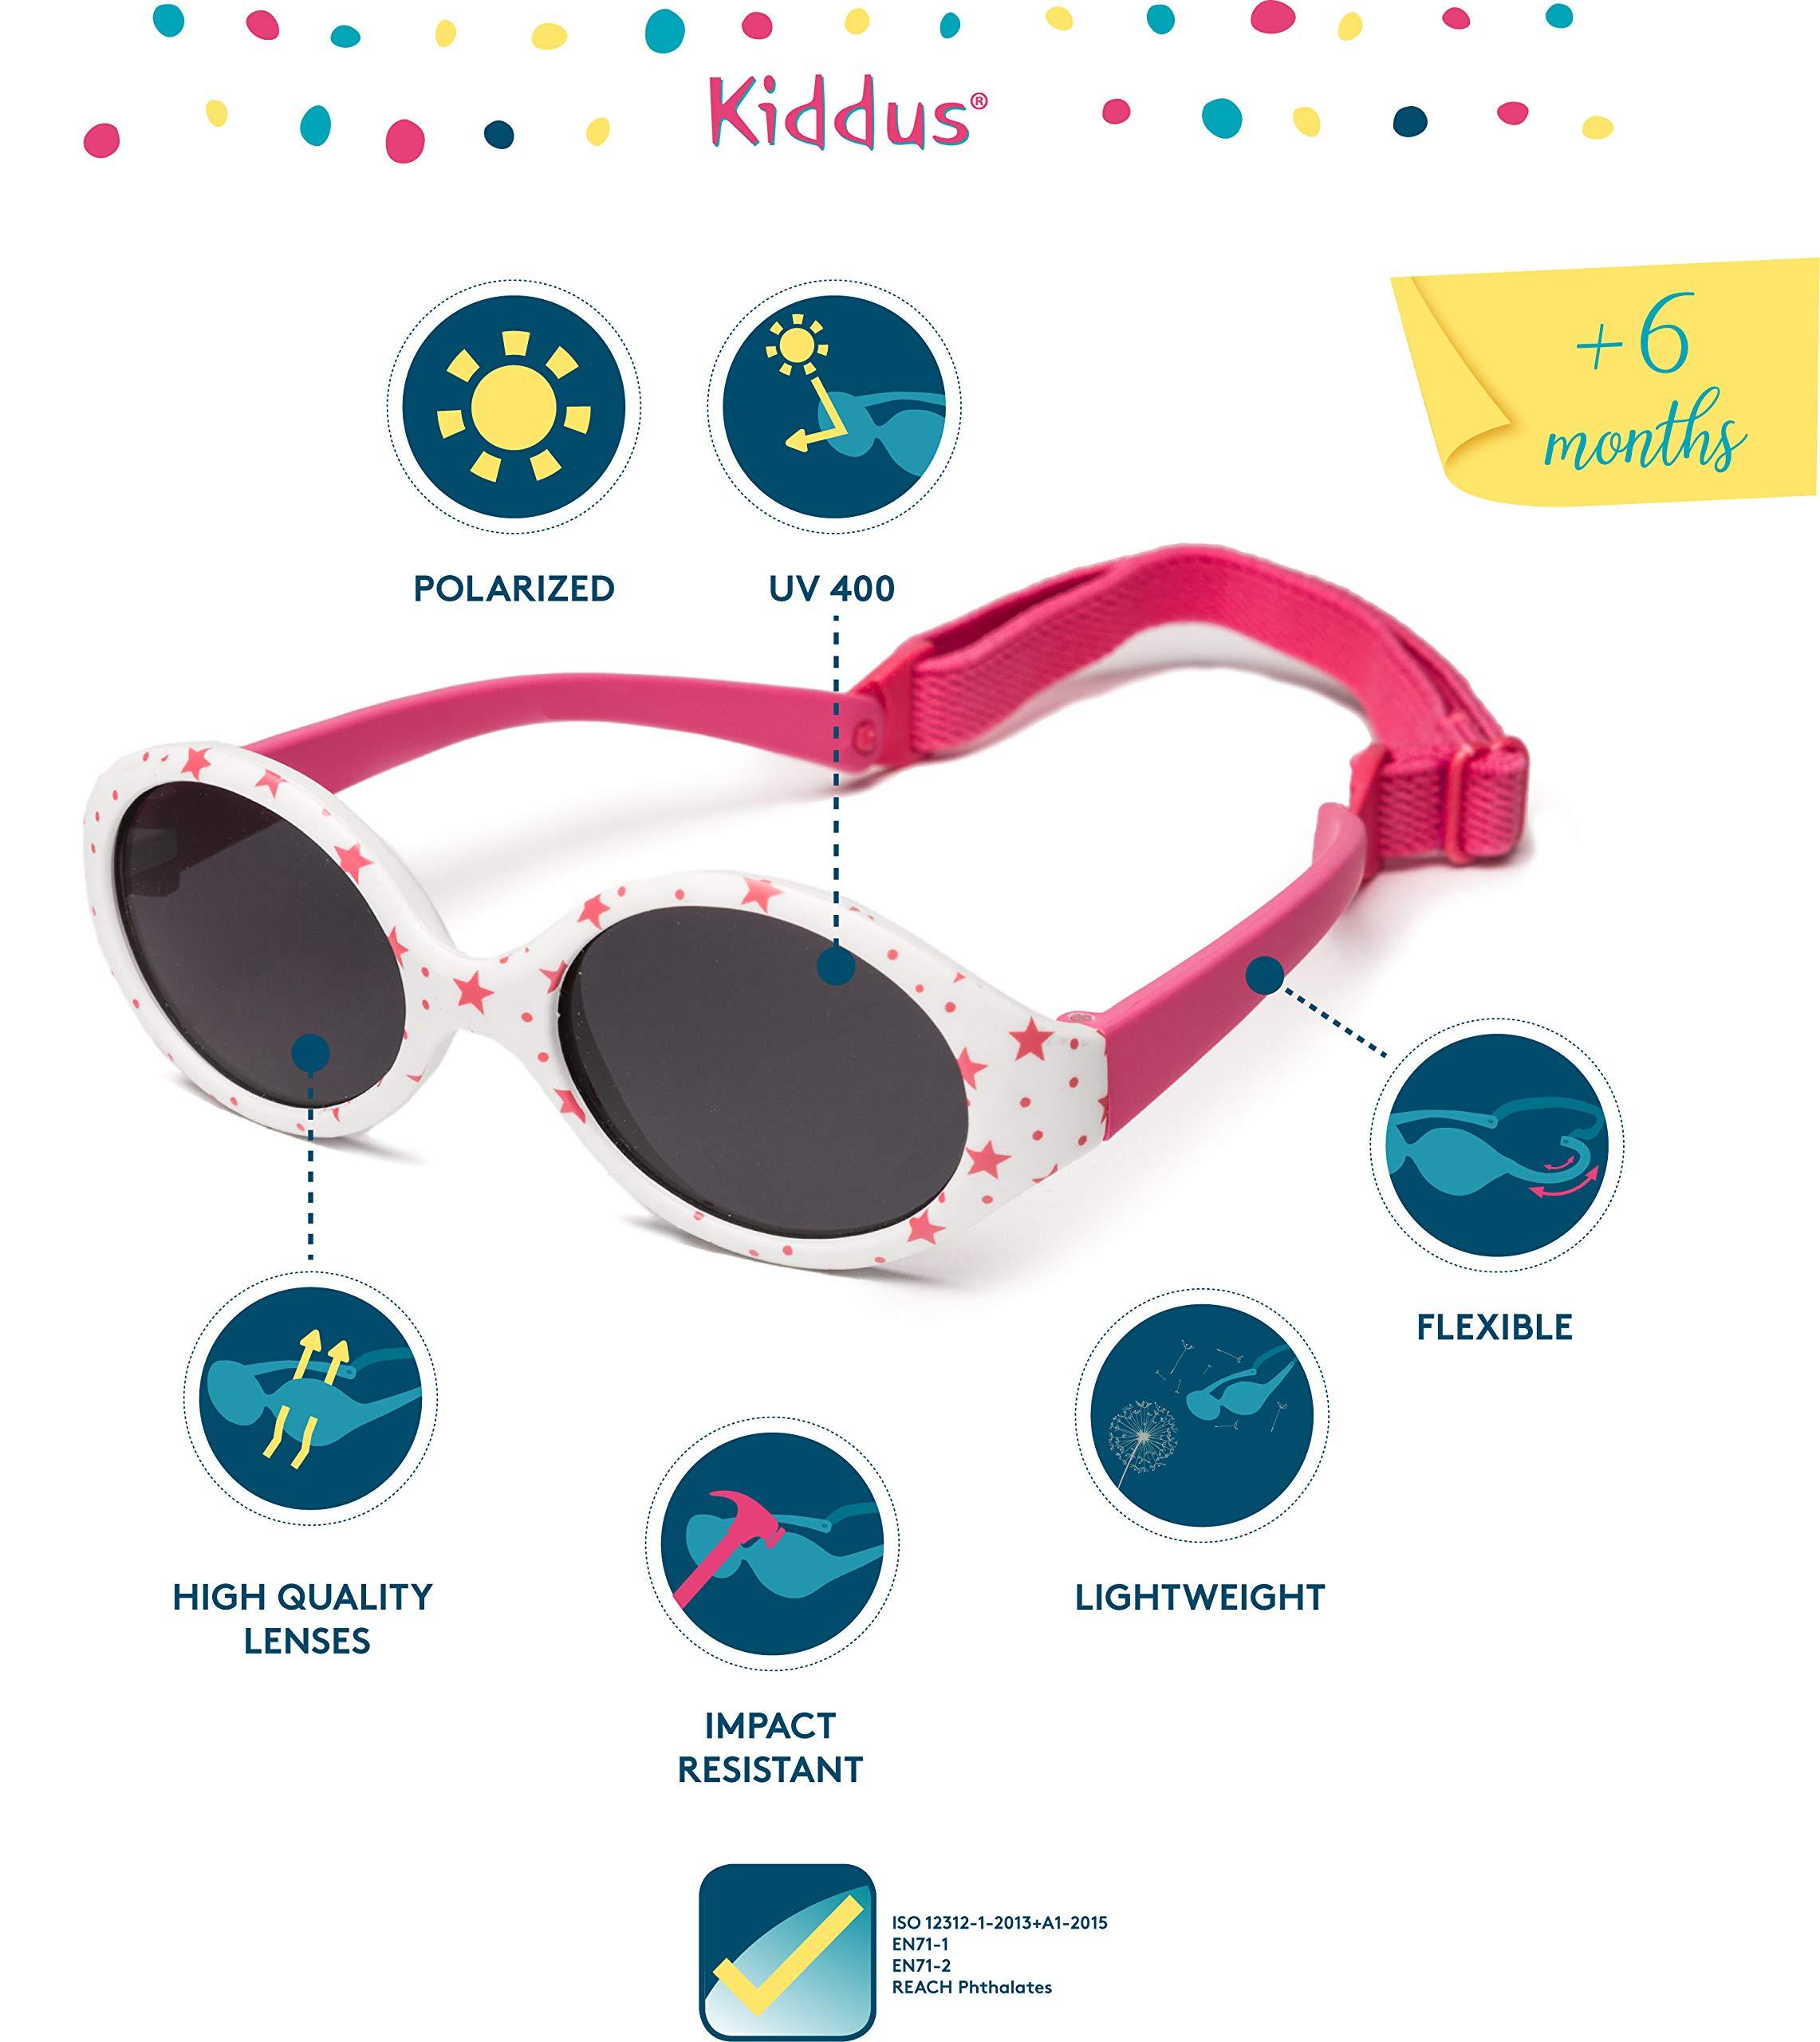 Kiddus Gafas de sol POLARIZADAS bebe para niños y niñas a partir de 6 meses. SUPER FLEXIBLES. Protección solar UV400… 2